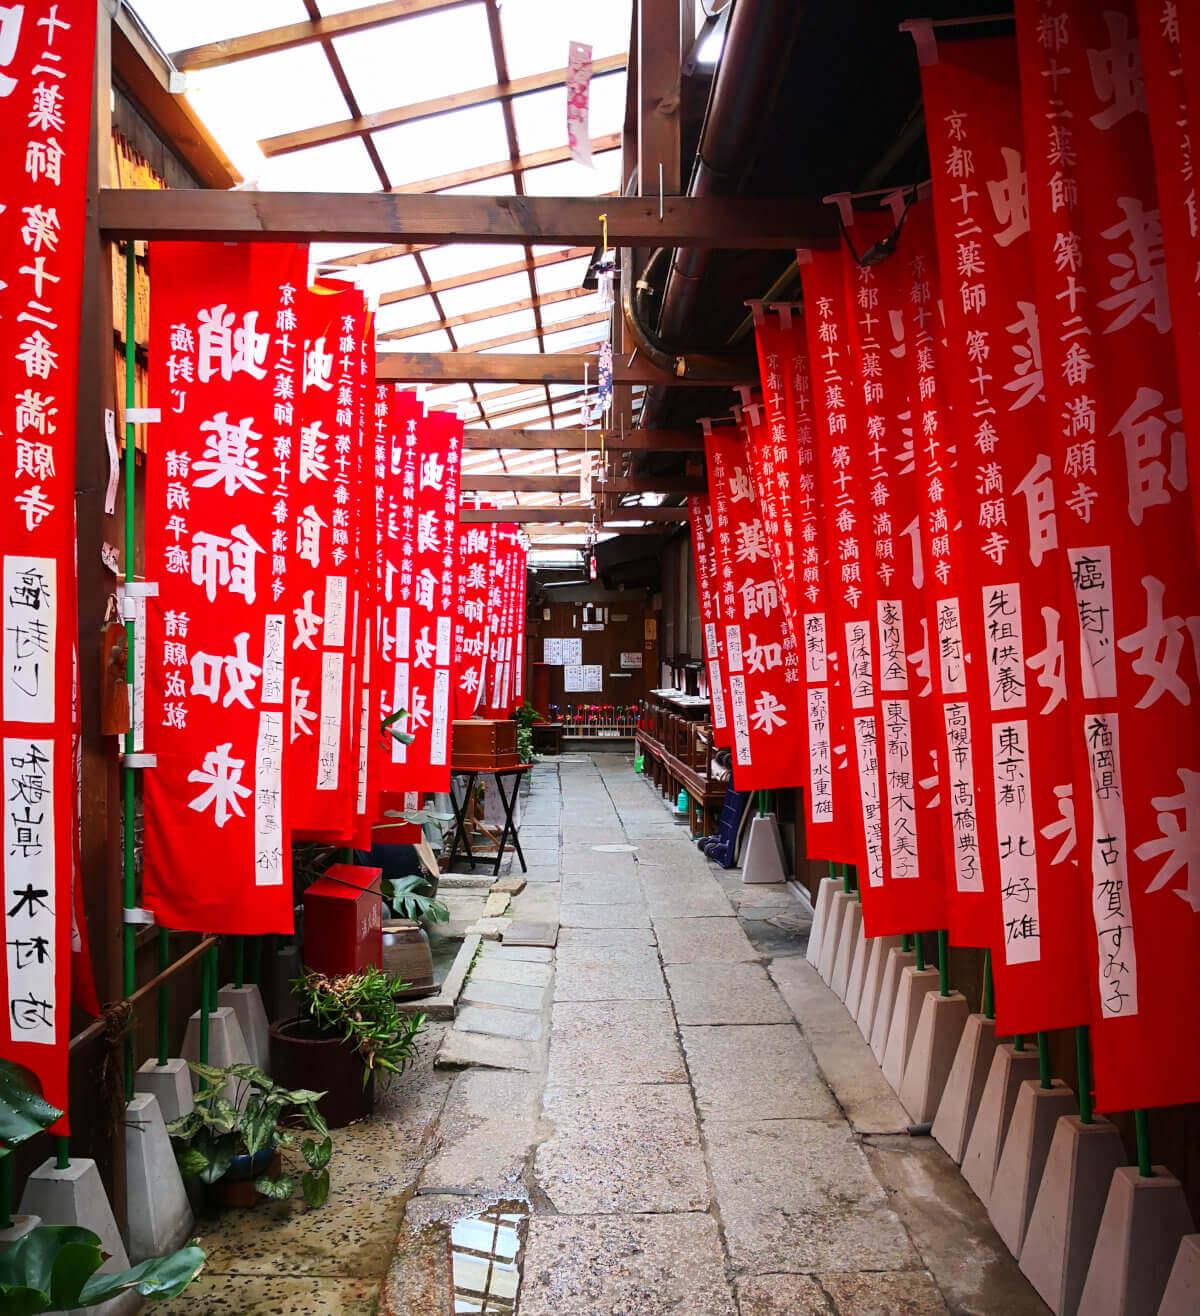 viaggiare-zaino-in-spalla-giappone-kyoto-templi-1